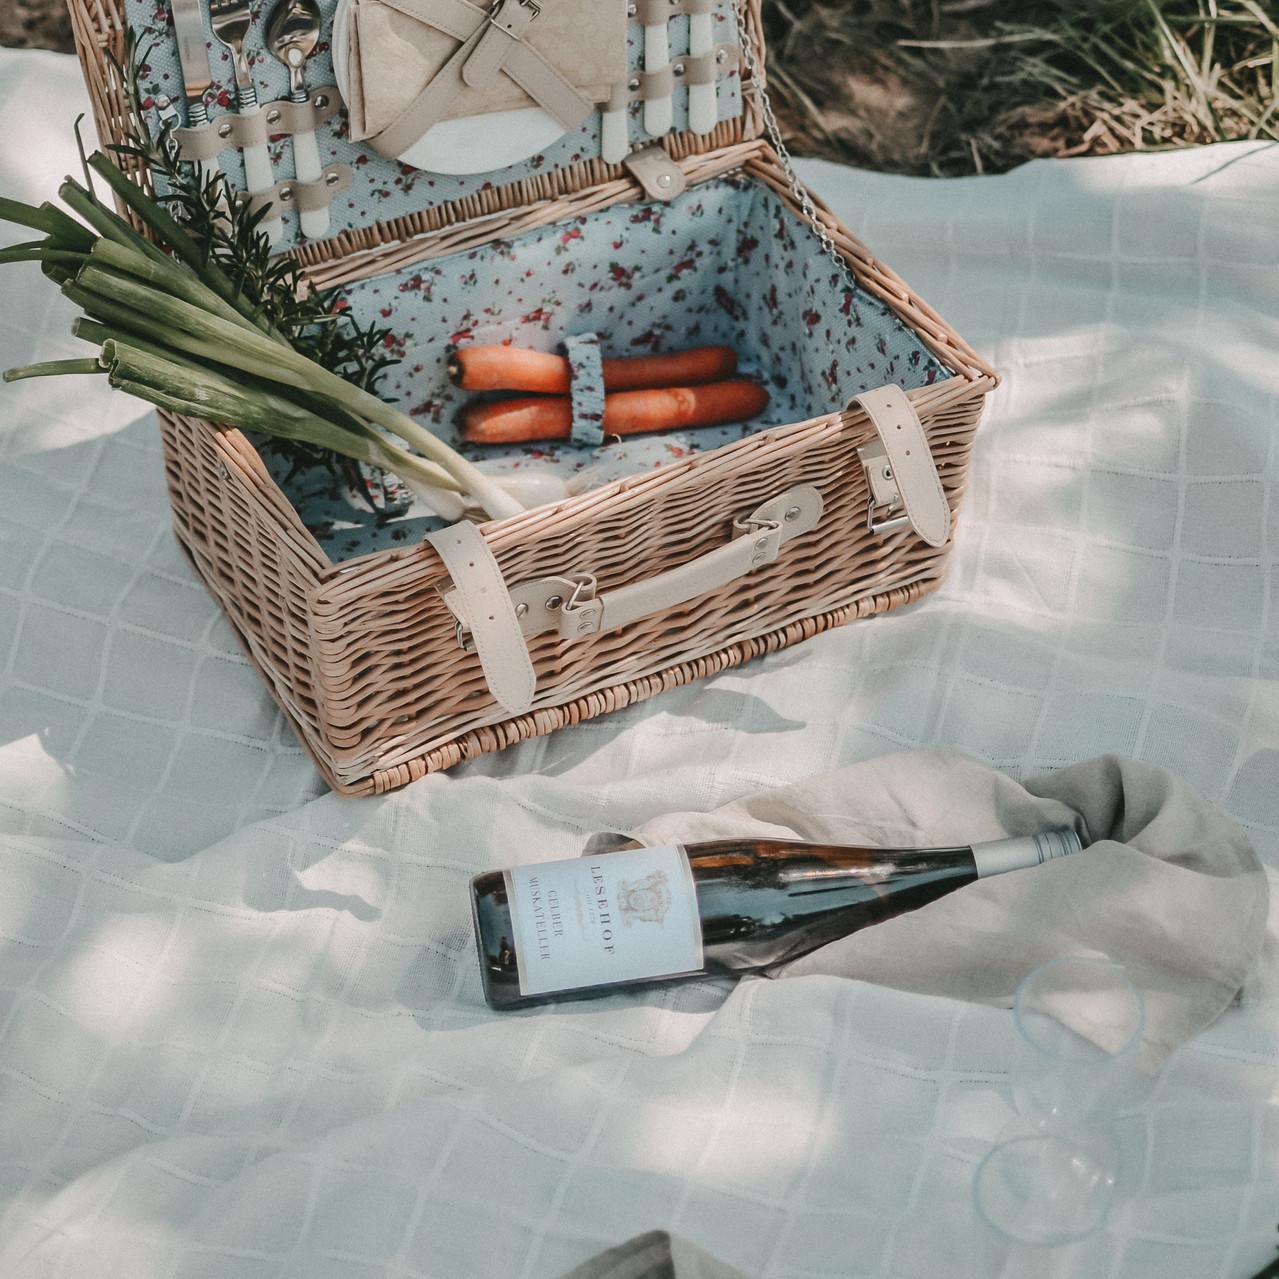 Picknick mit HOFER #zumhoferpreis